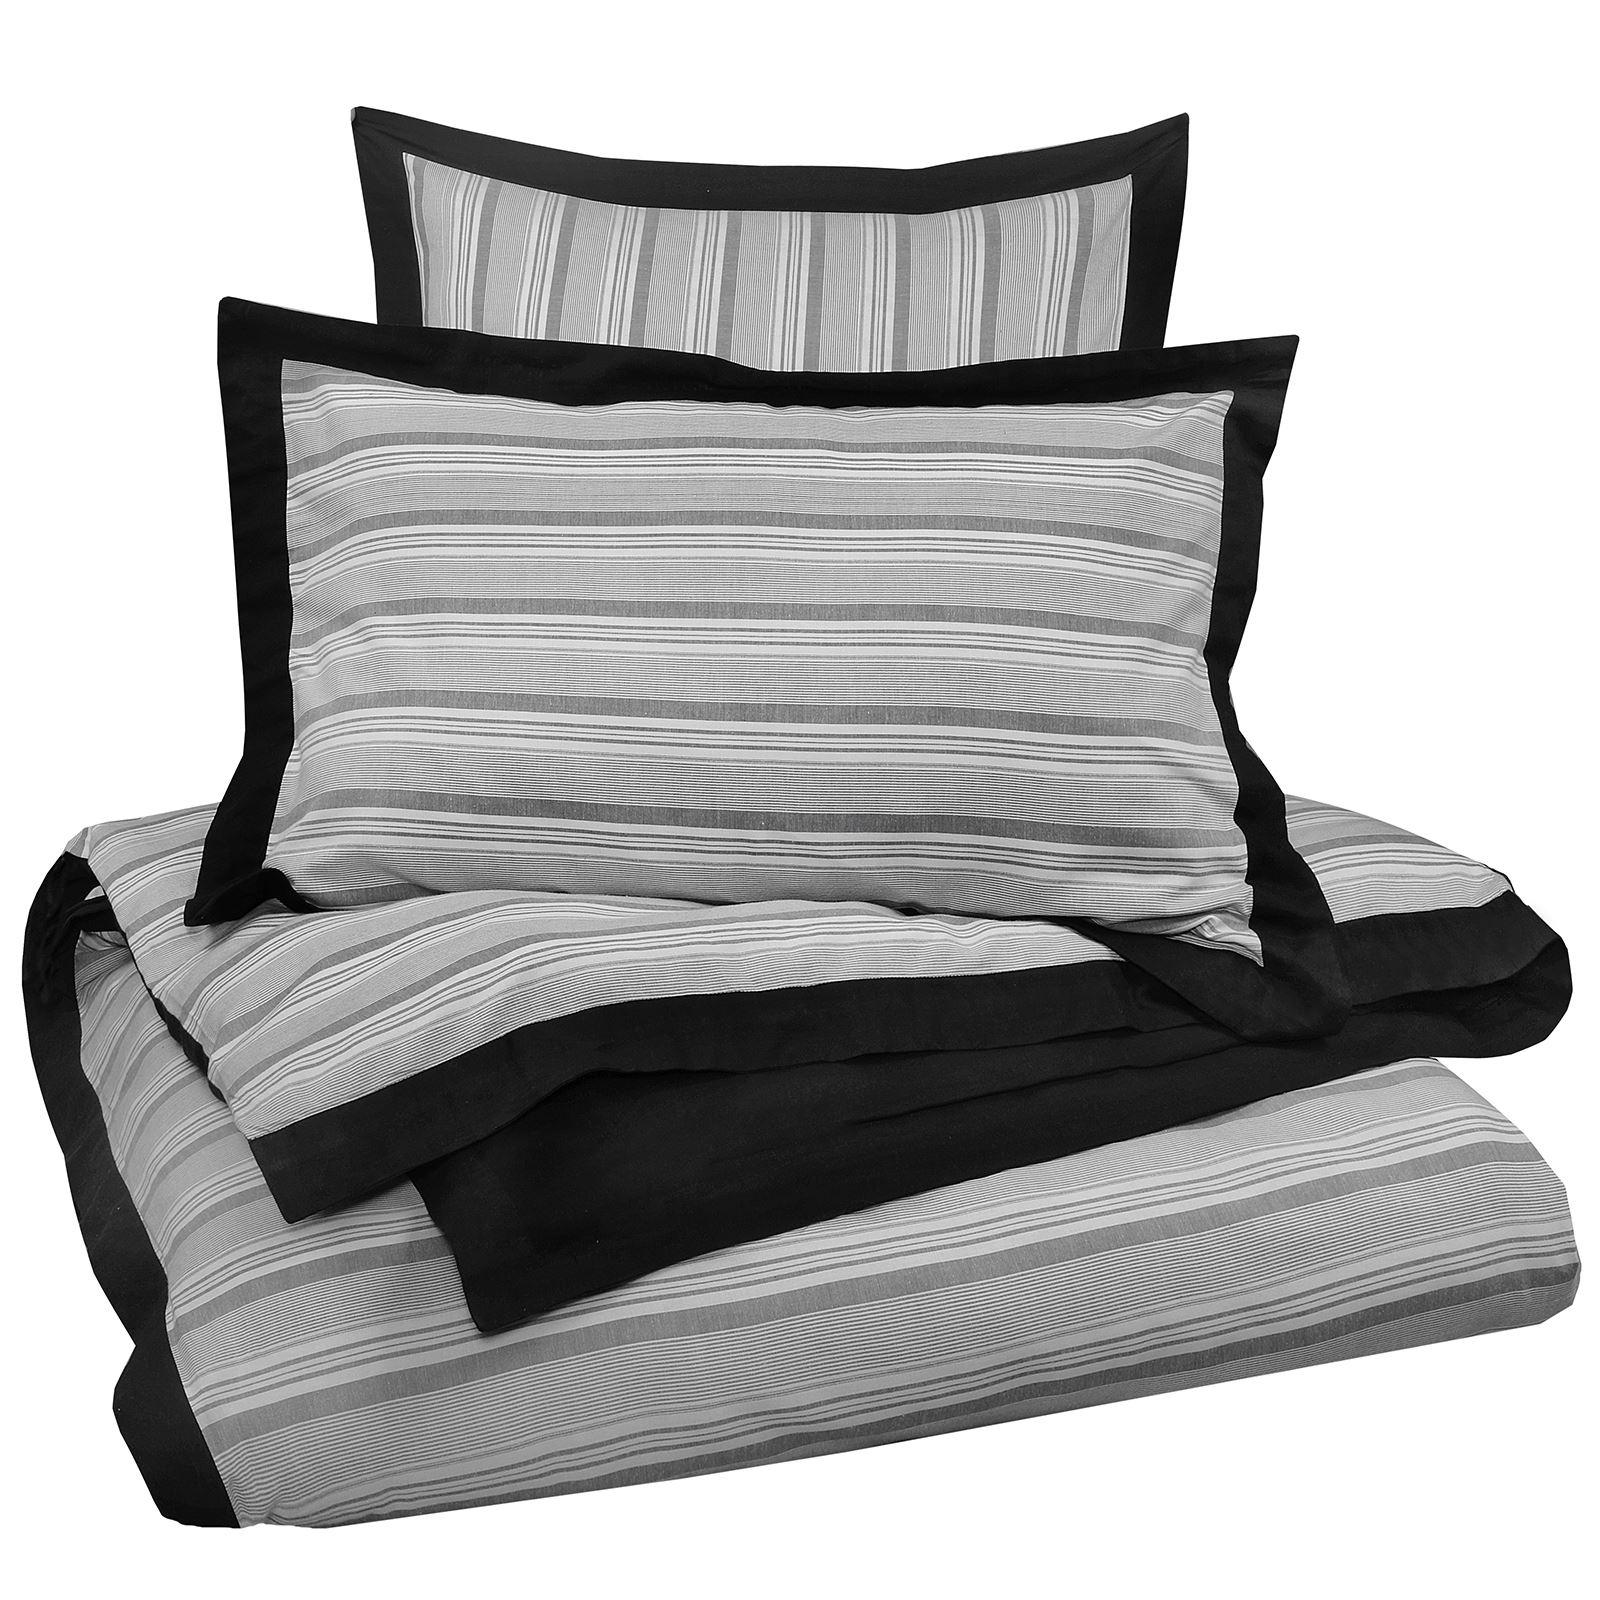 100-Algodon-Cuidado-facil-cubierta-del-edredon-edredon-multicolor-nuevo-conjunto-de-ropa-de-cama miniatura 5